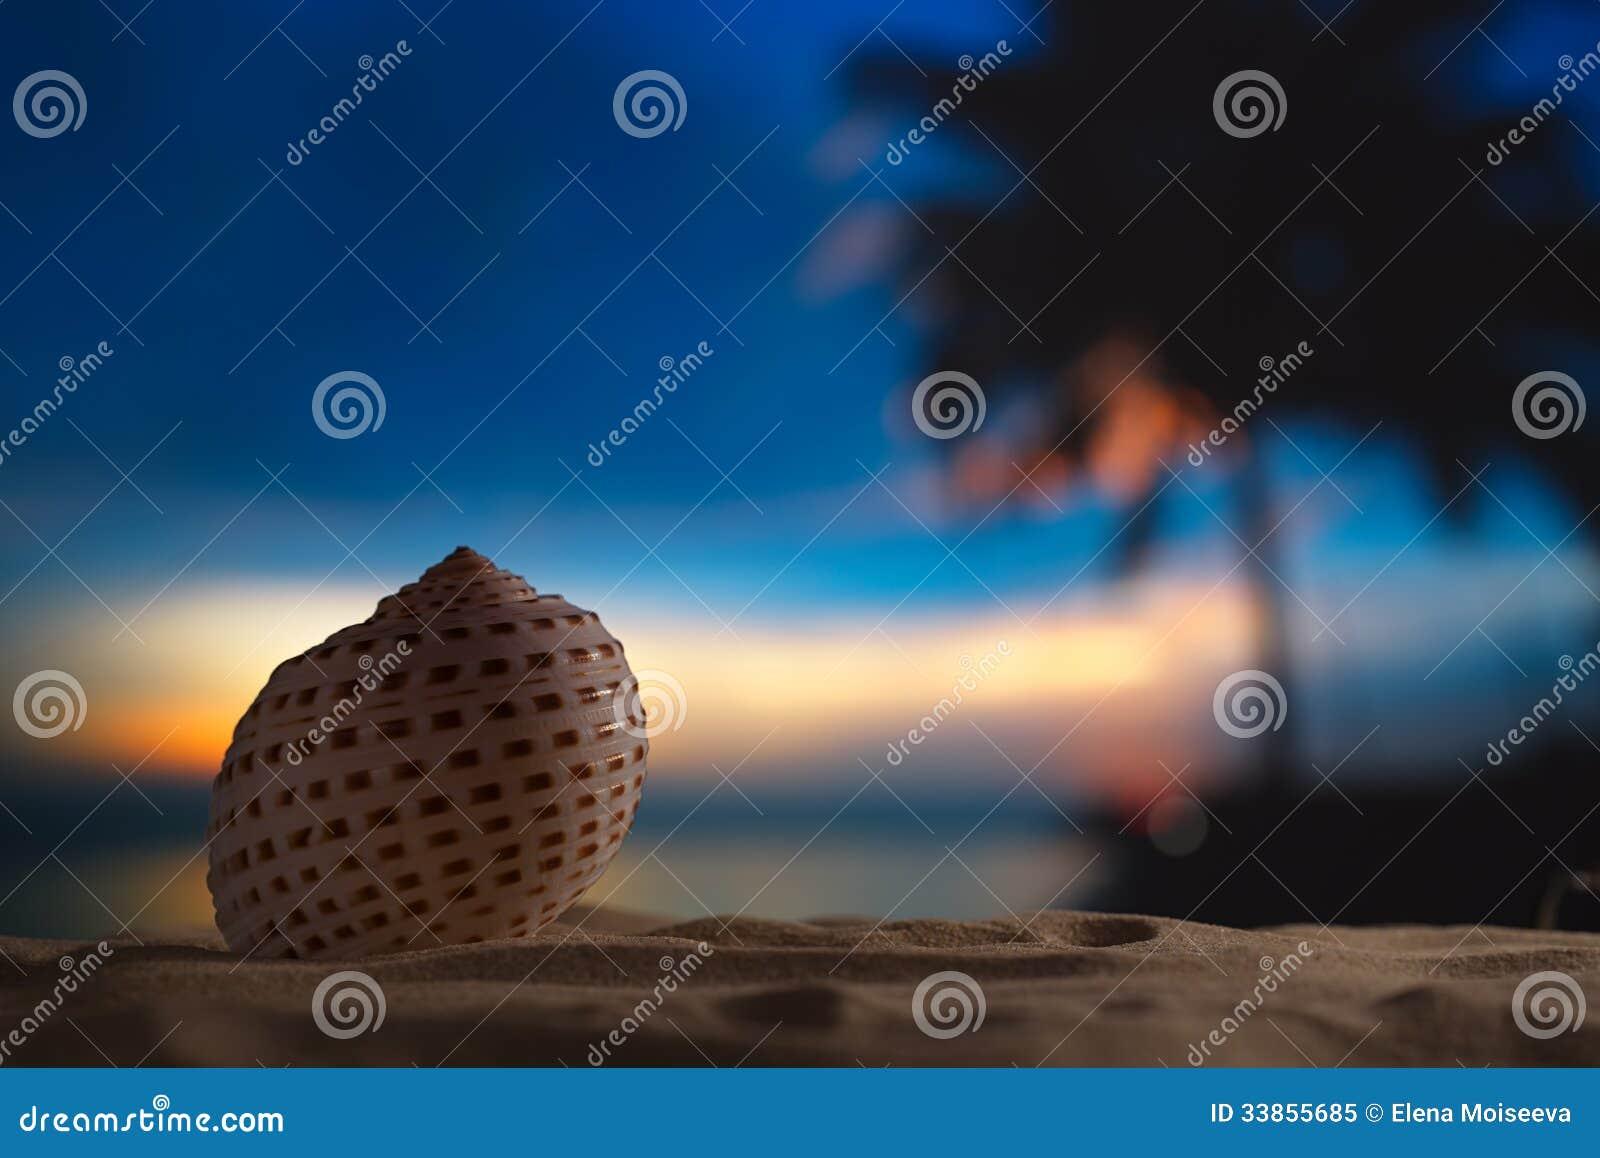 Zeeschelp in het overzees, zonsopgang, donker licht